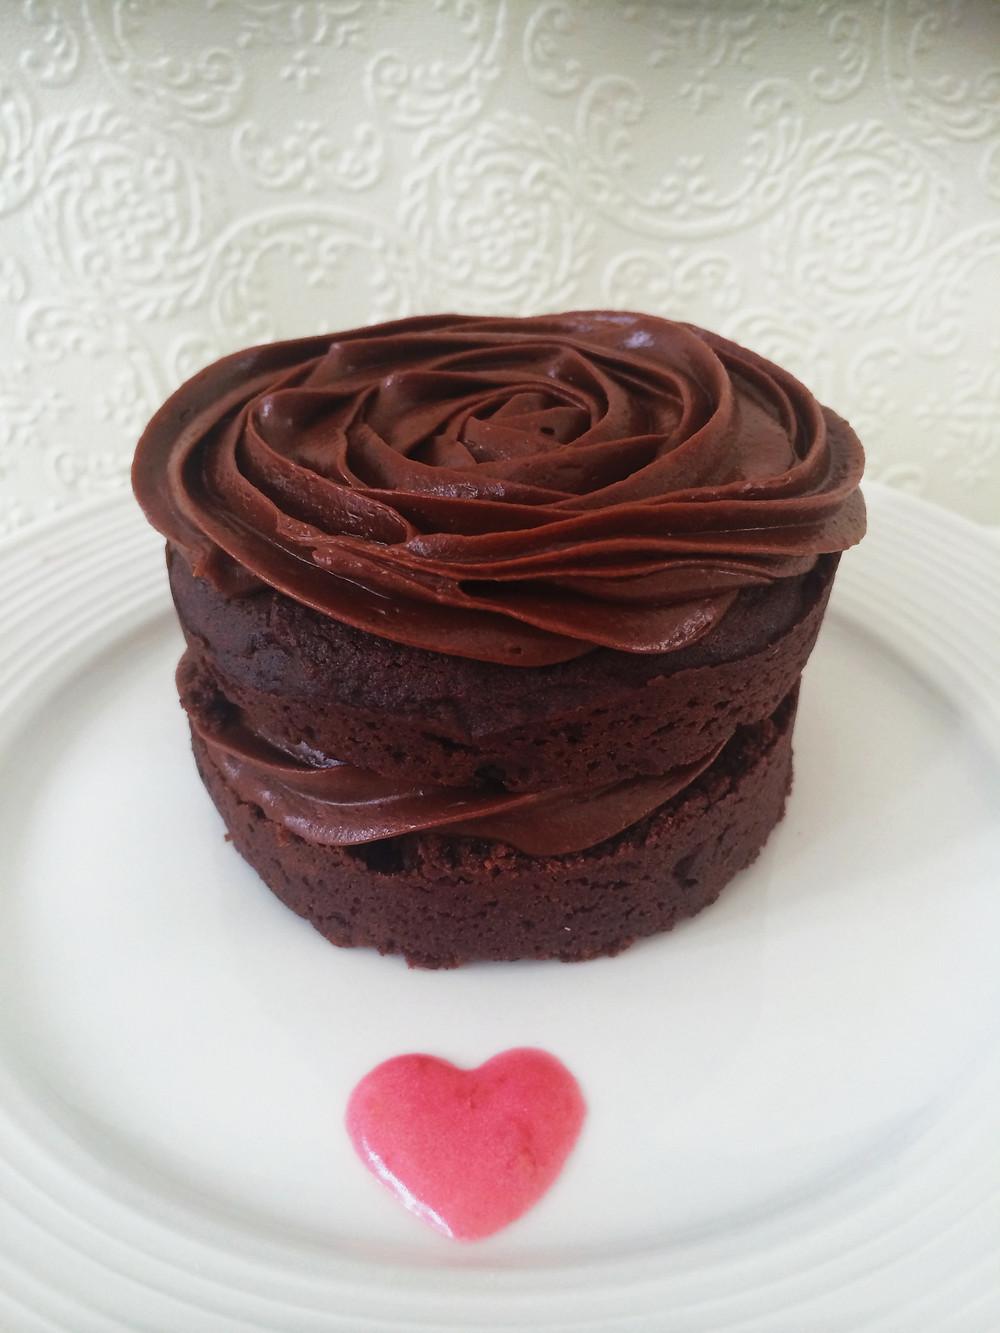 Gâteau au chocolat à partager ... ou pas ! | Dodo la Grano - recettes végétaliennes, santé et simples